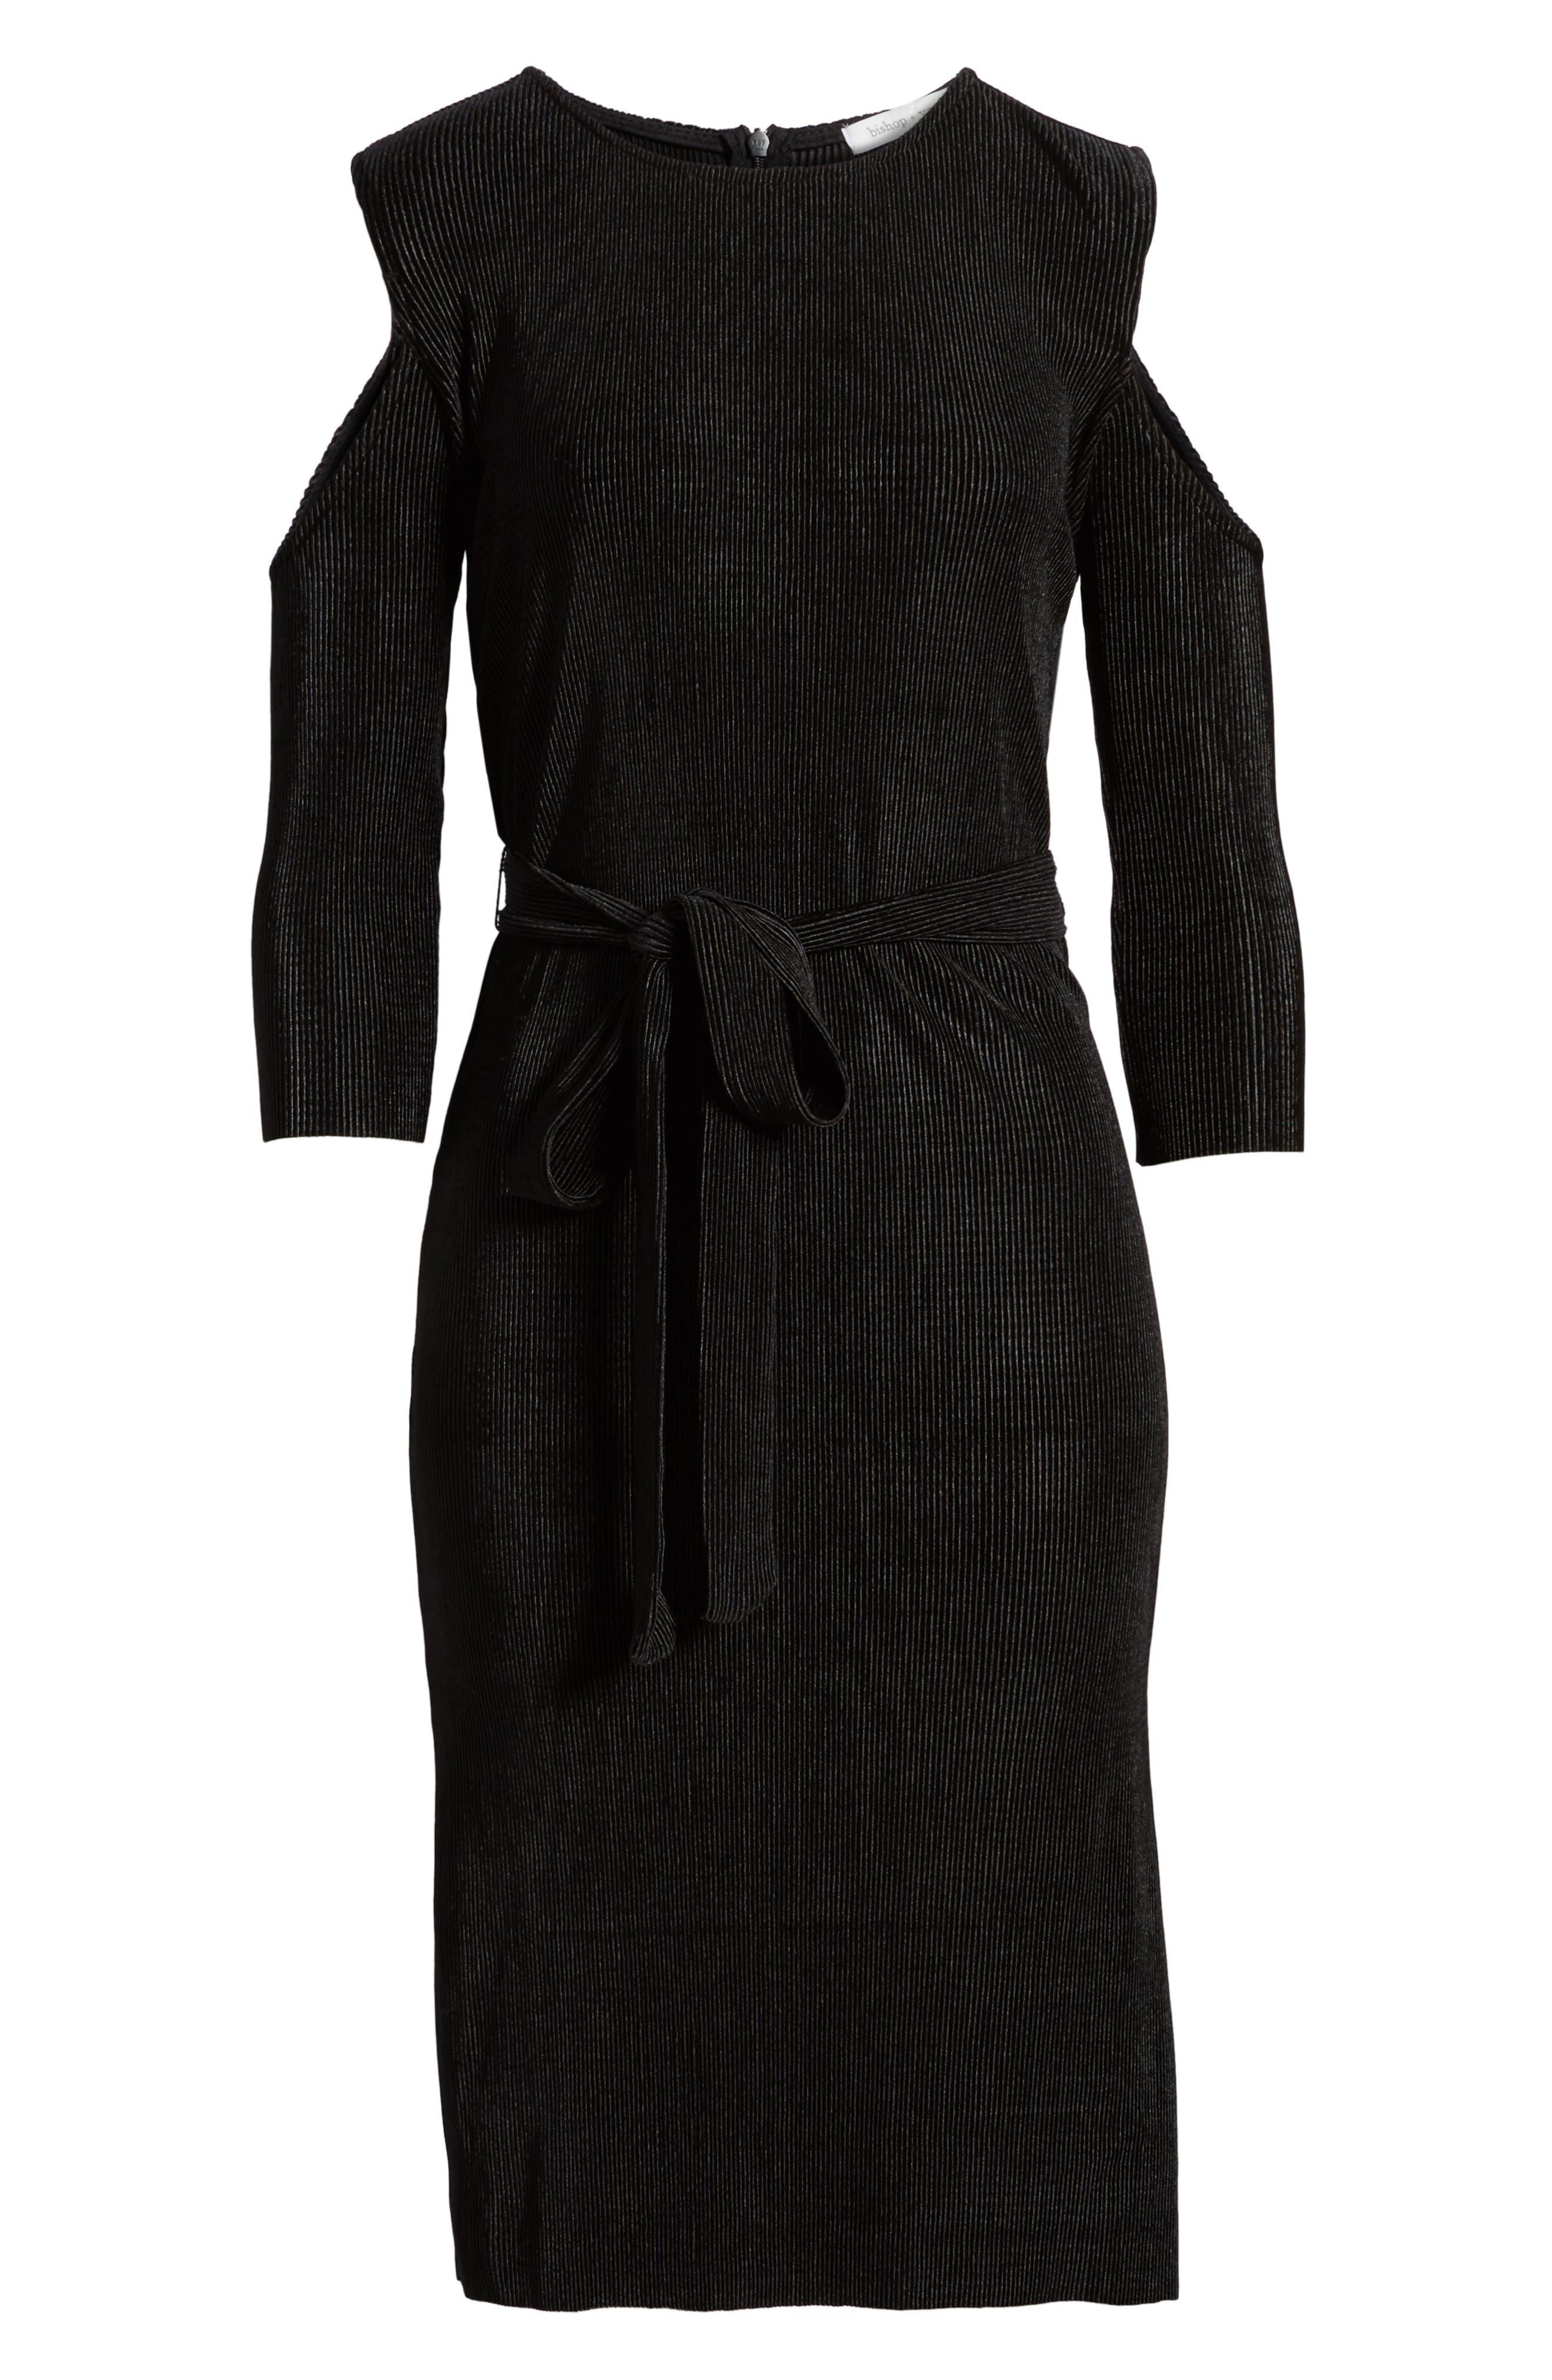 Bishop + Young Sasha Cold Shoulder Dress,                             Alternate thumbnail 6, color,